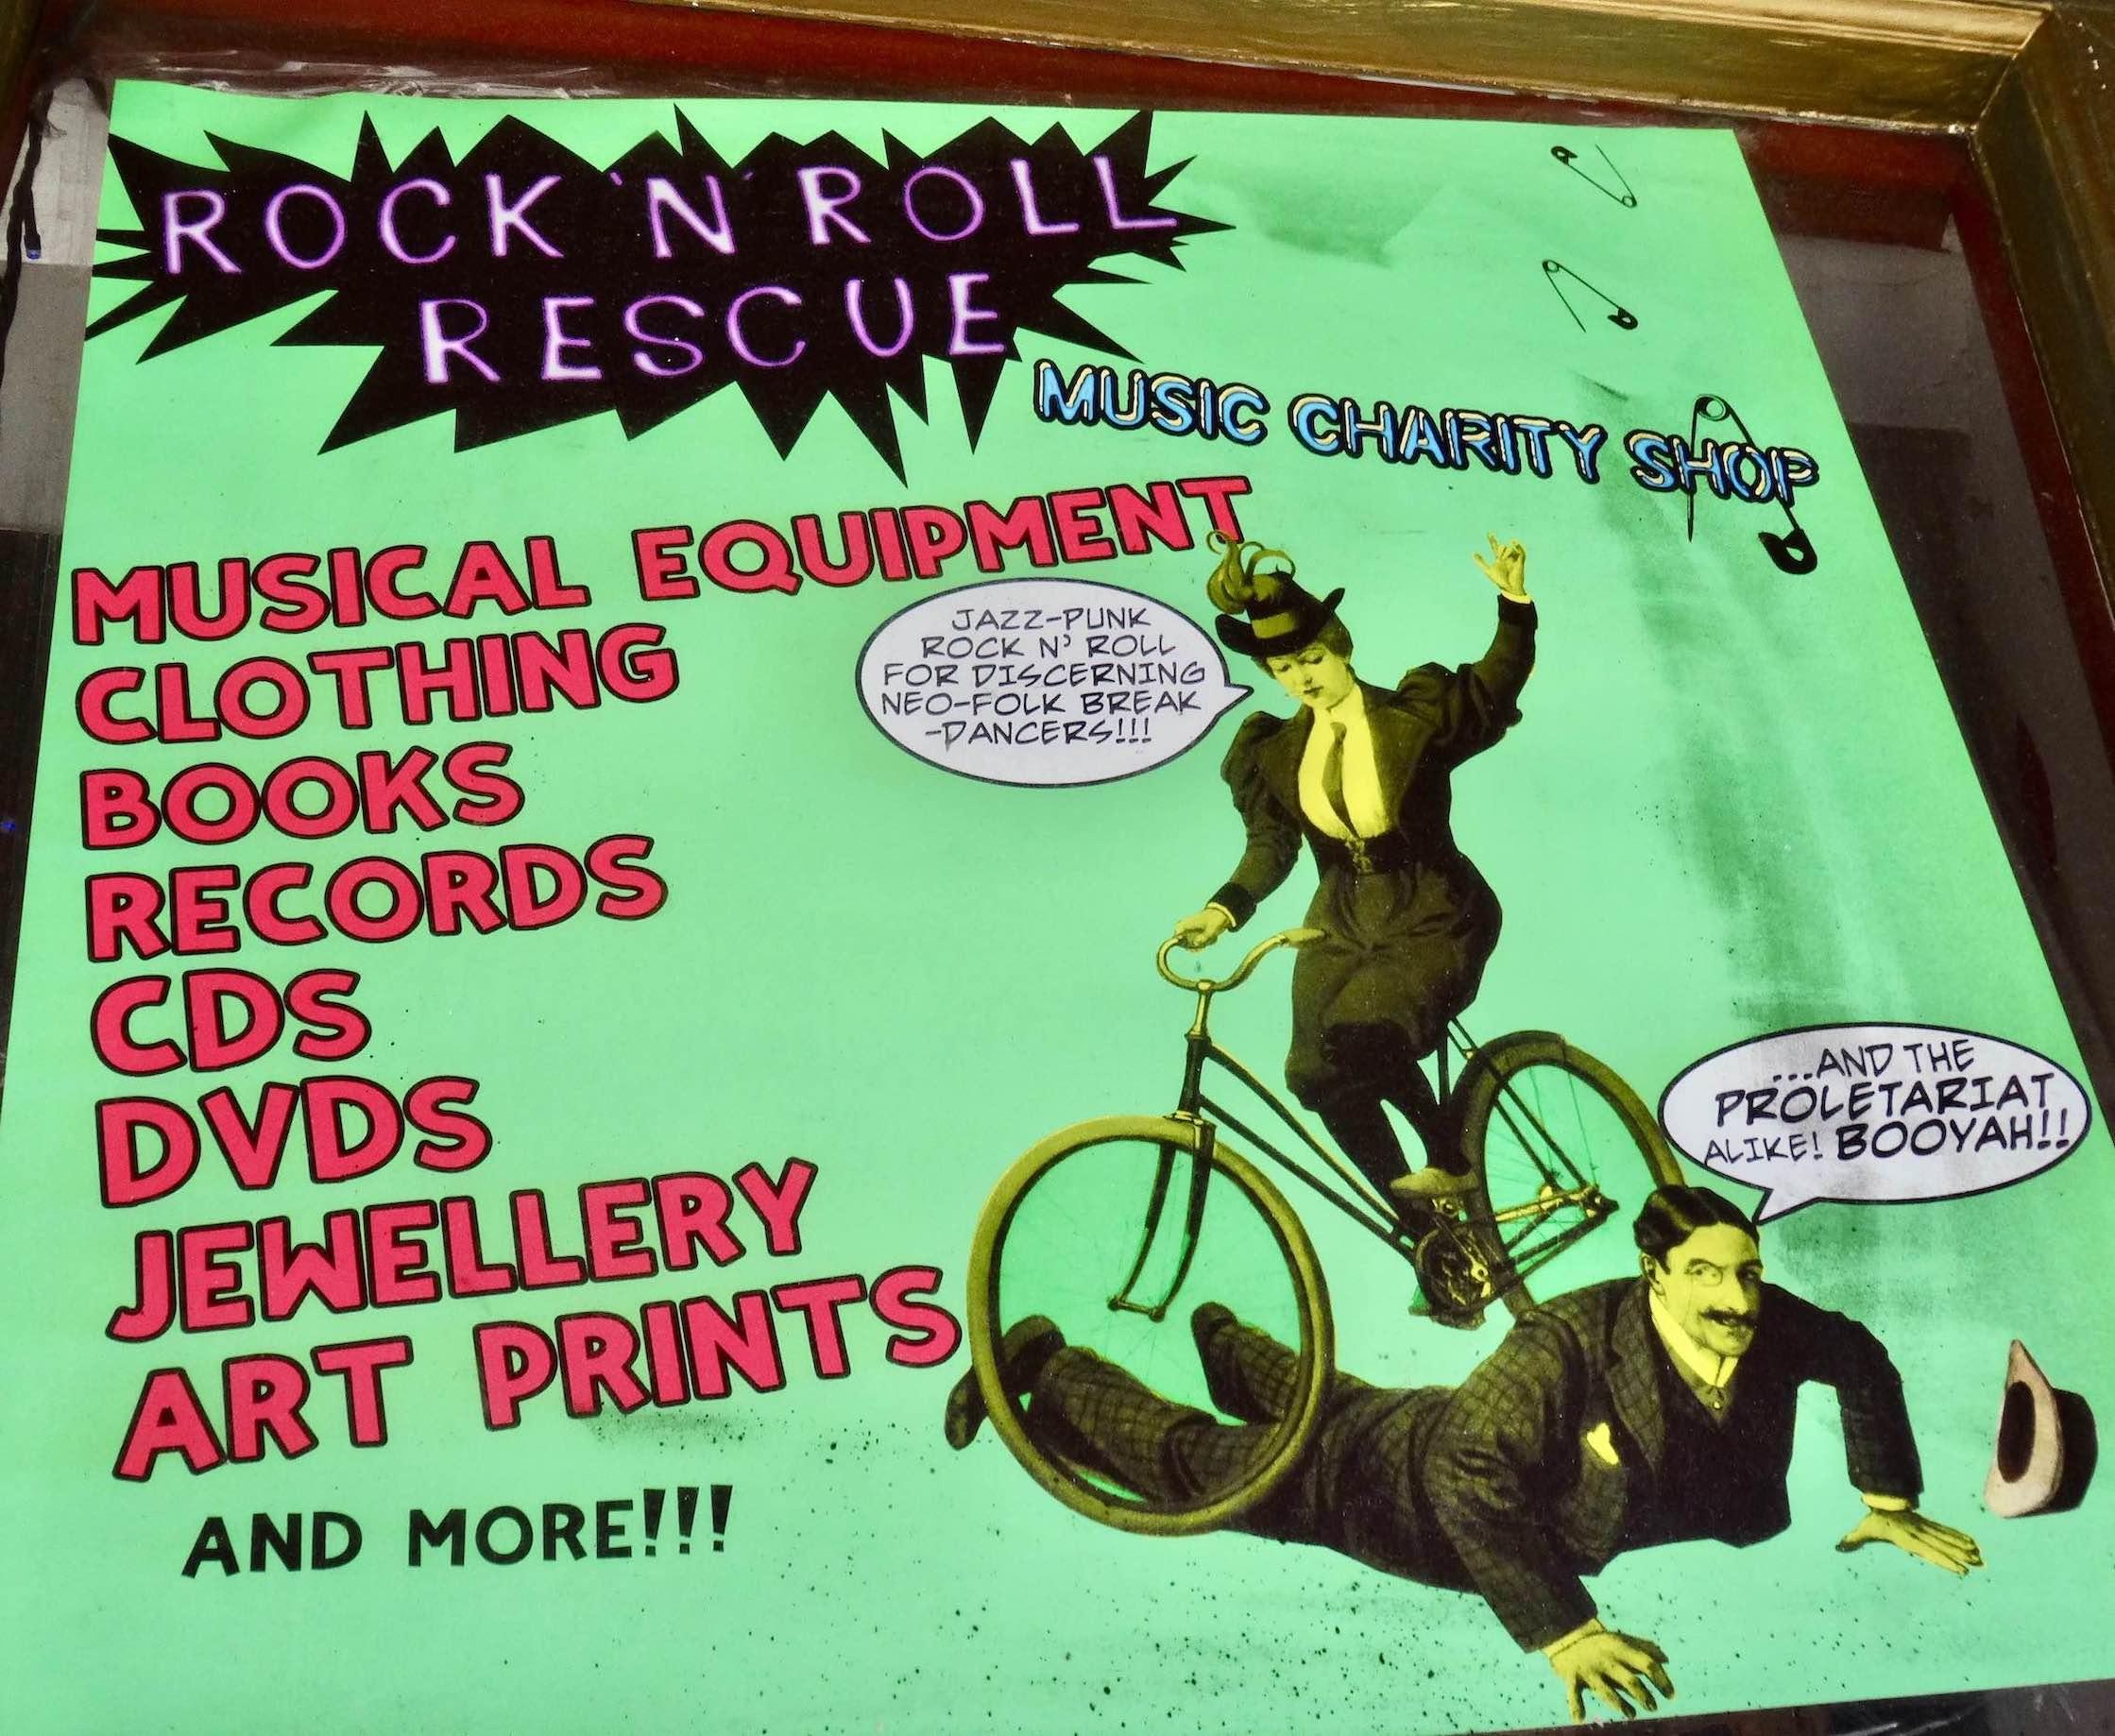 Rock n Roll Rescue Camden Town.